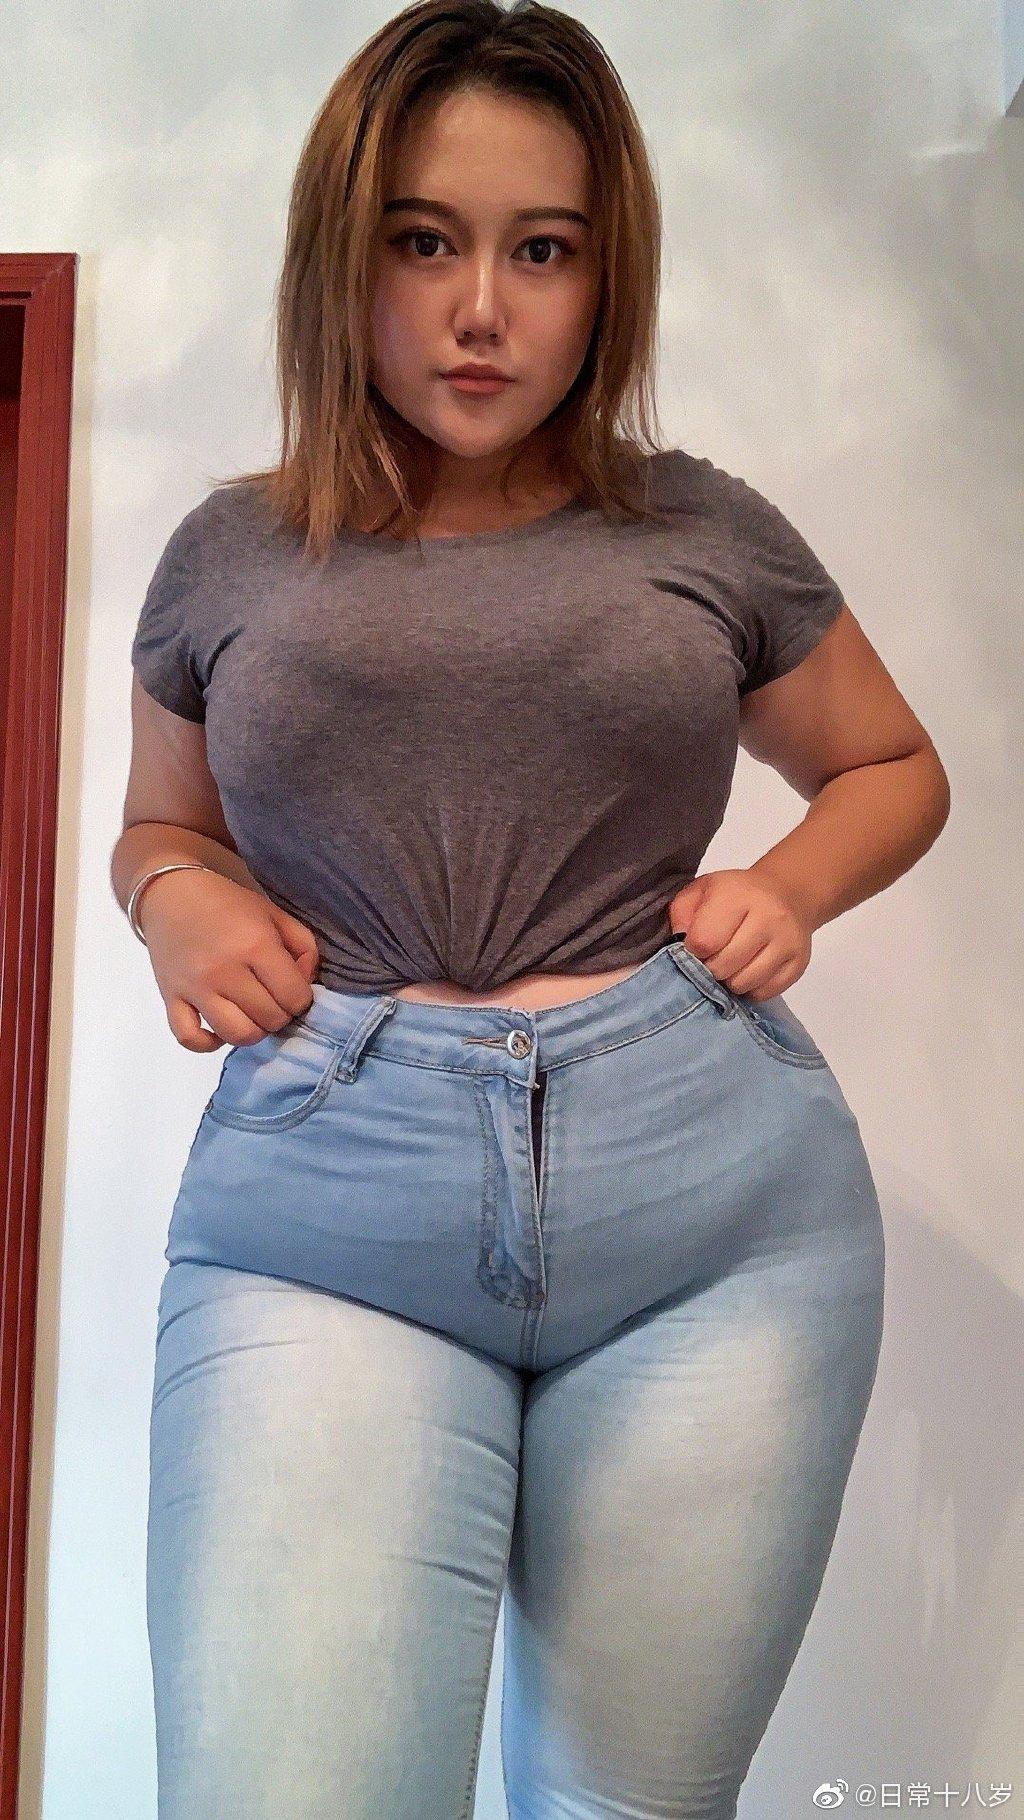 我爱牛仔裤,今天的我好不好看耐? 涨姿势 第3张